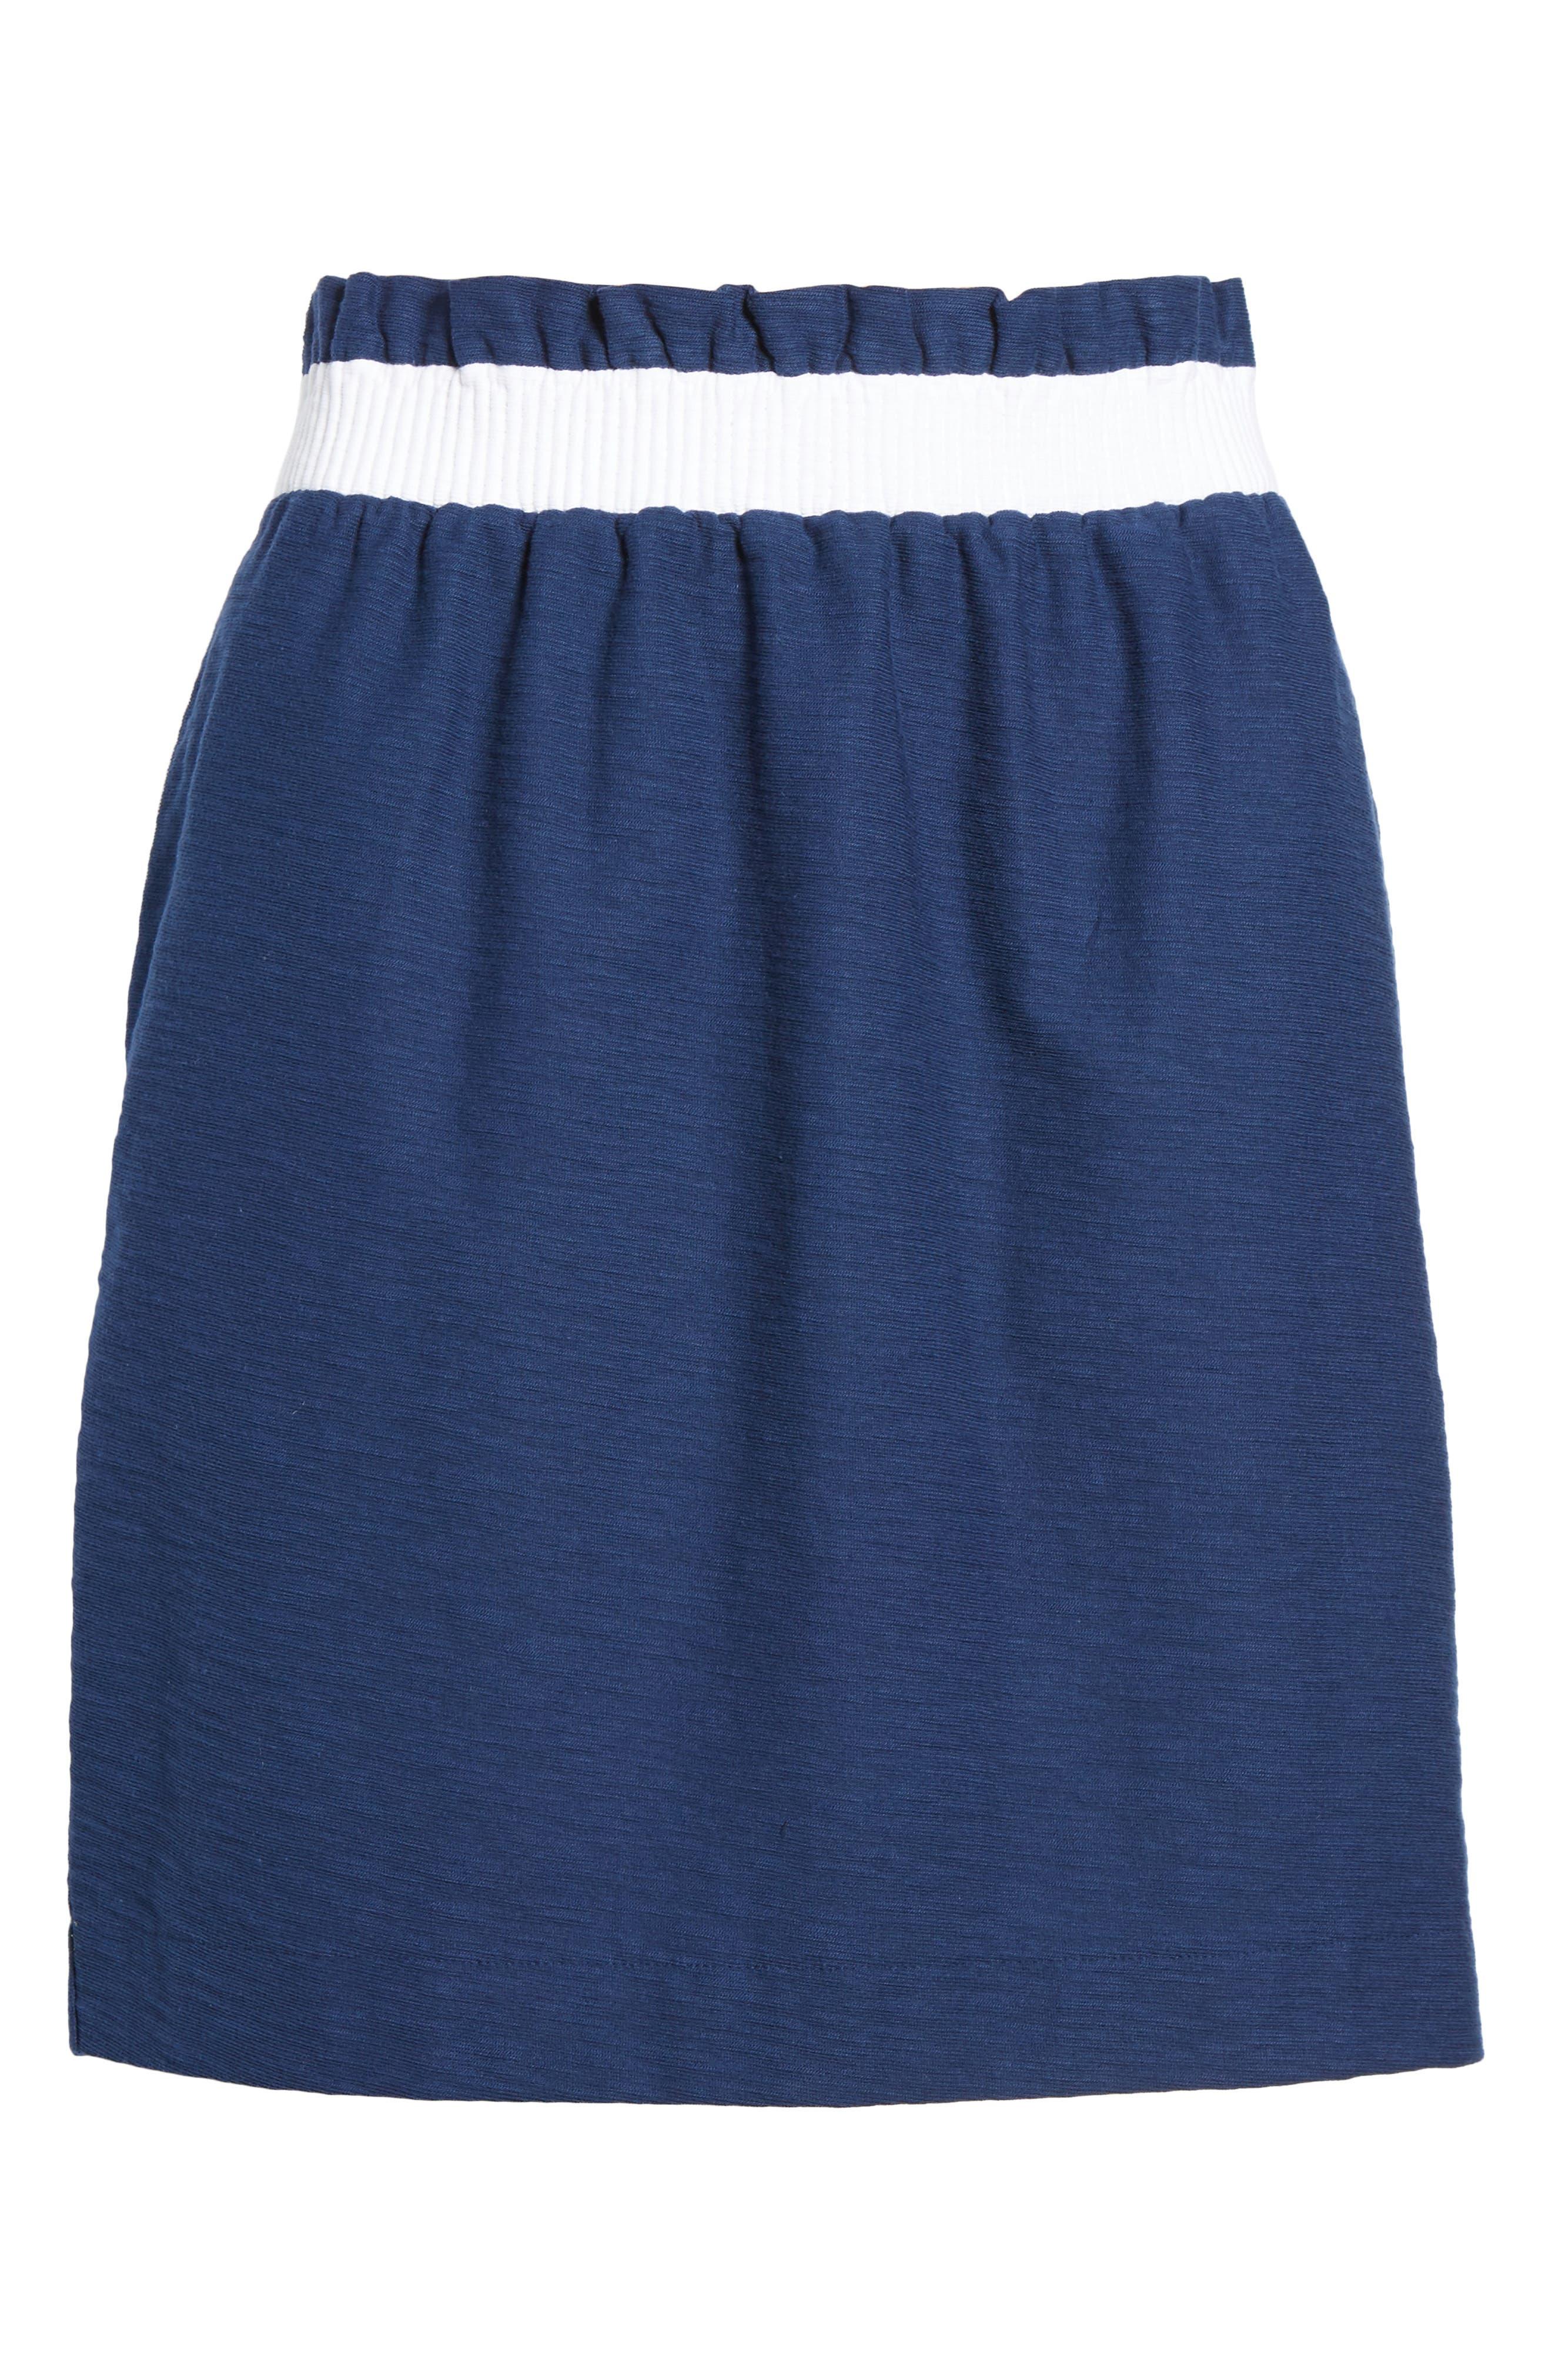 Waistband Stripe Pull On Skirt,                             Alternate thumbnail 6, color,                             Deep Bay